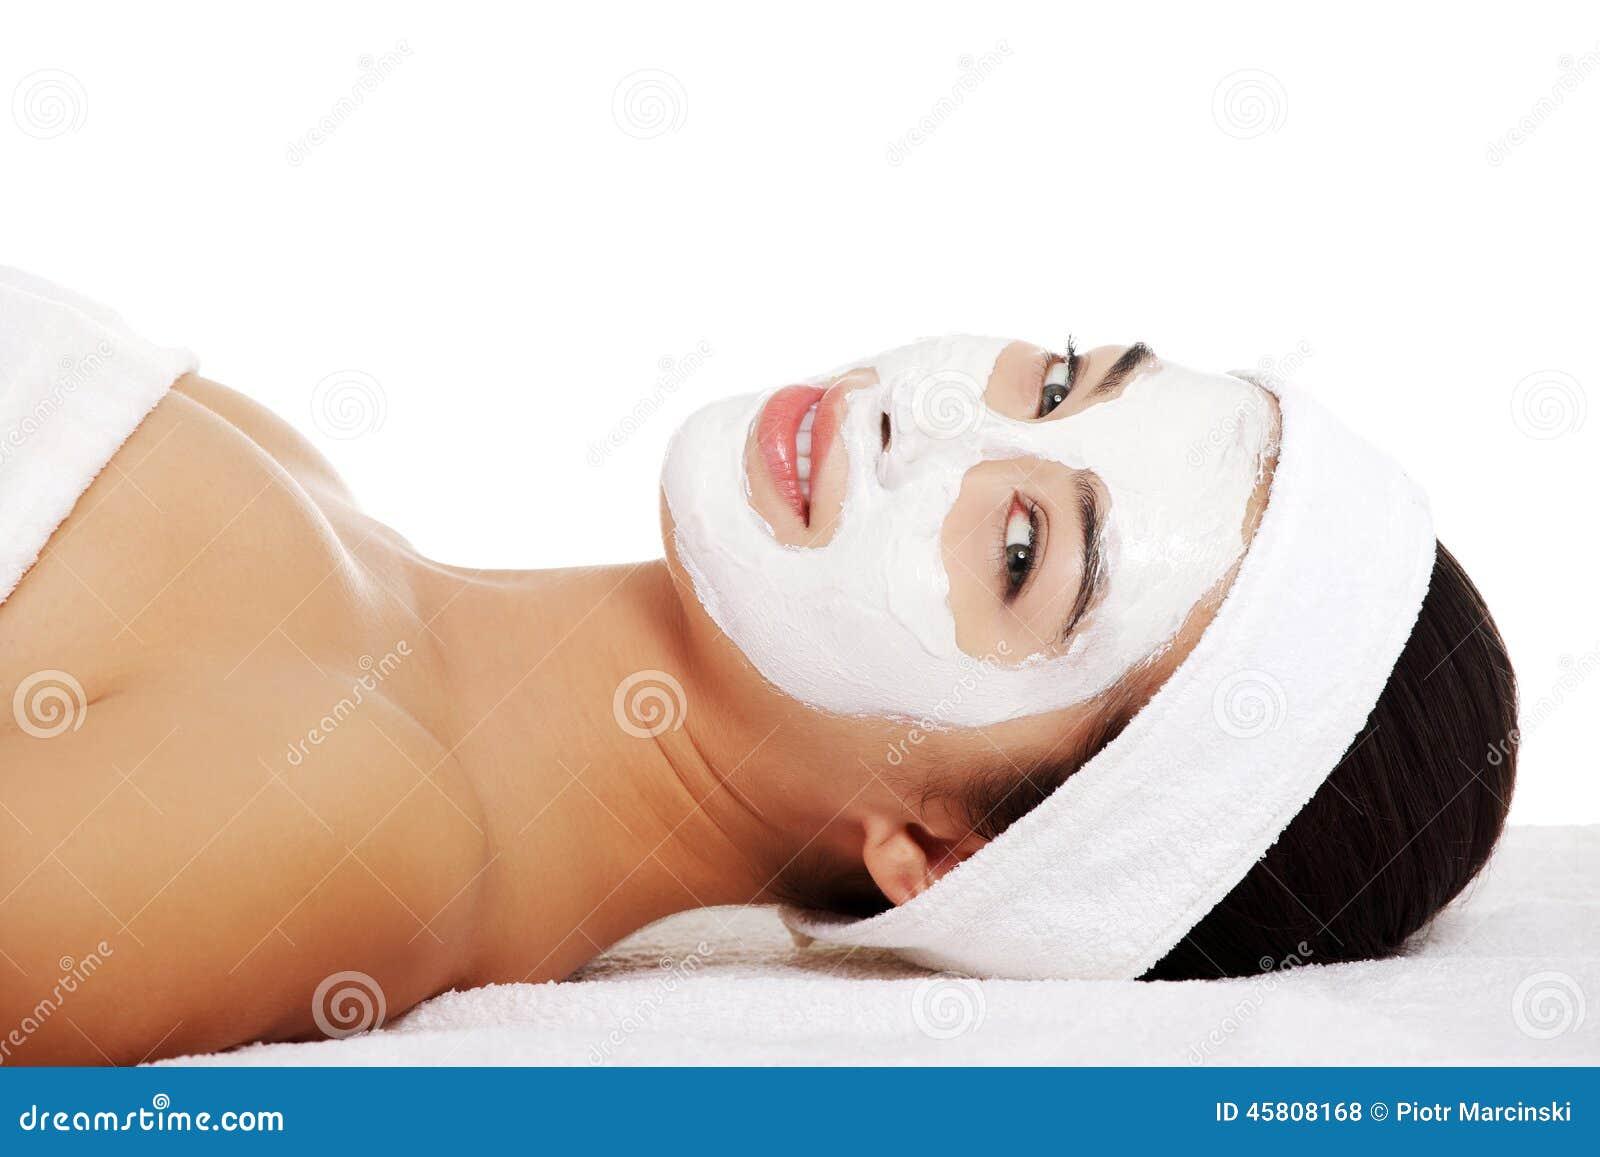 Donna Rilassata Con Una Maschera Di Protezione Di Nutrizione Fotografia Stock - Immagine: 45808168